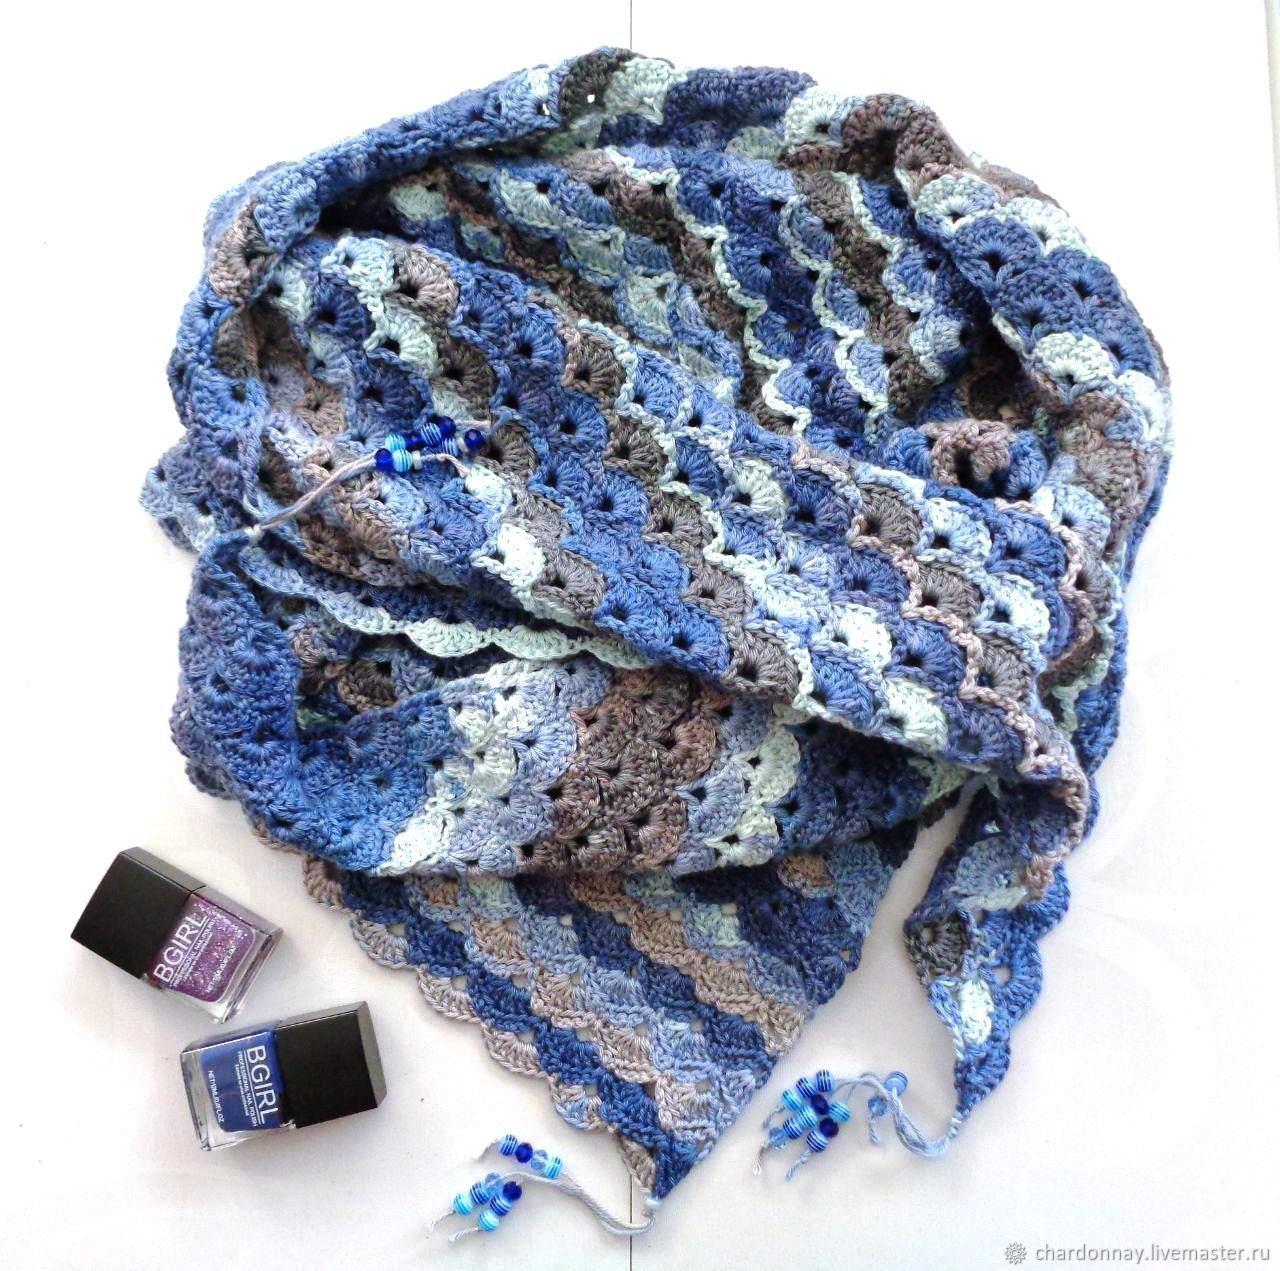 """Шали, палантины ручной работы. Ярмарка Мастеров - ручная работа. Купить Шали: Бактус """"Синий иней"""" (подарок, шаль, платок, снуд). Handmade."""